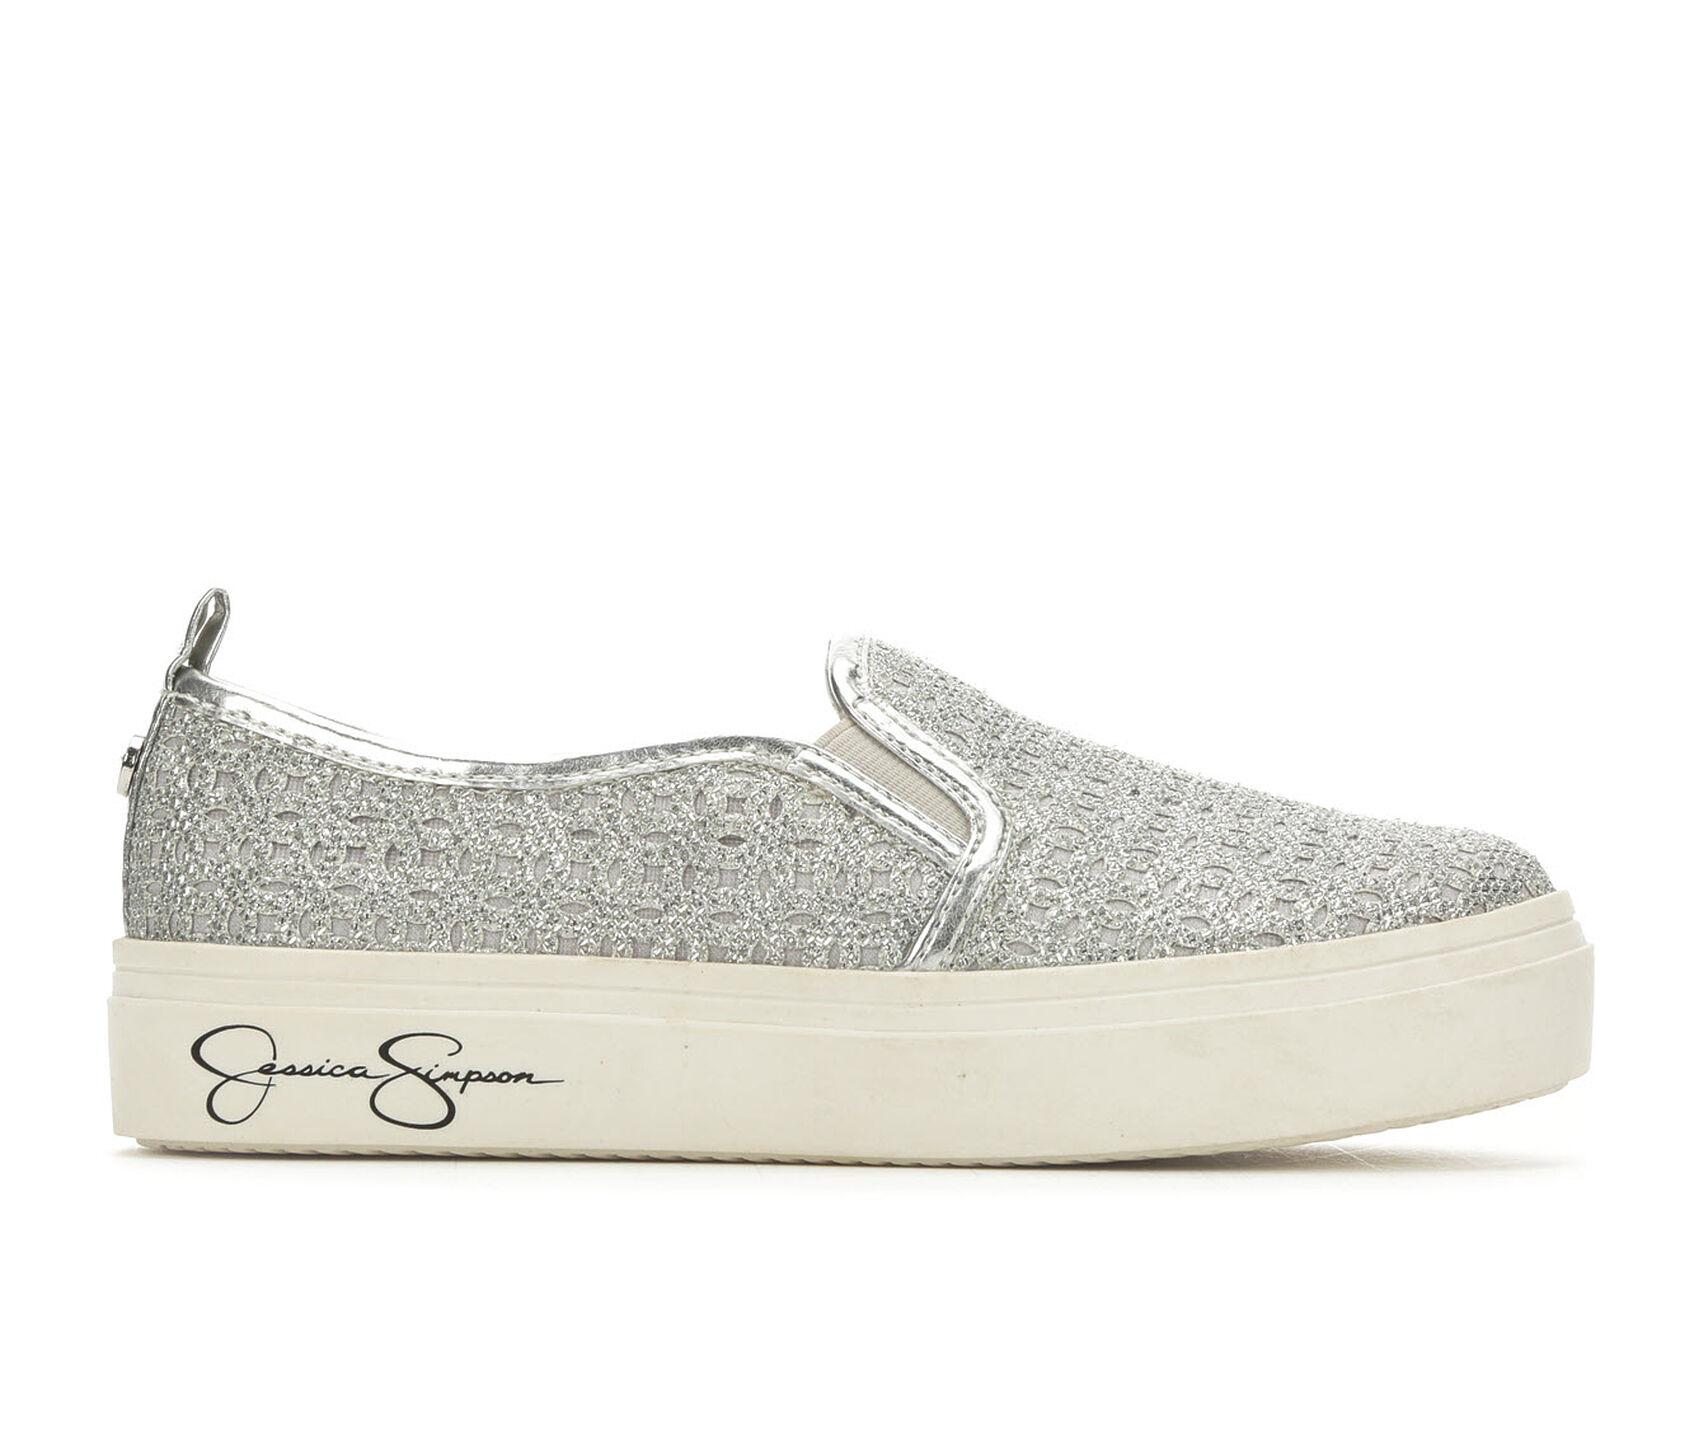 dd7617974f7 Girls' Jessica Simpson Little Kid & Big Kid Dayna Sneakers